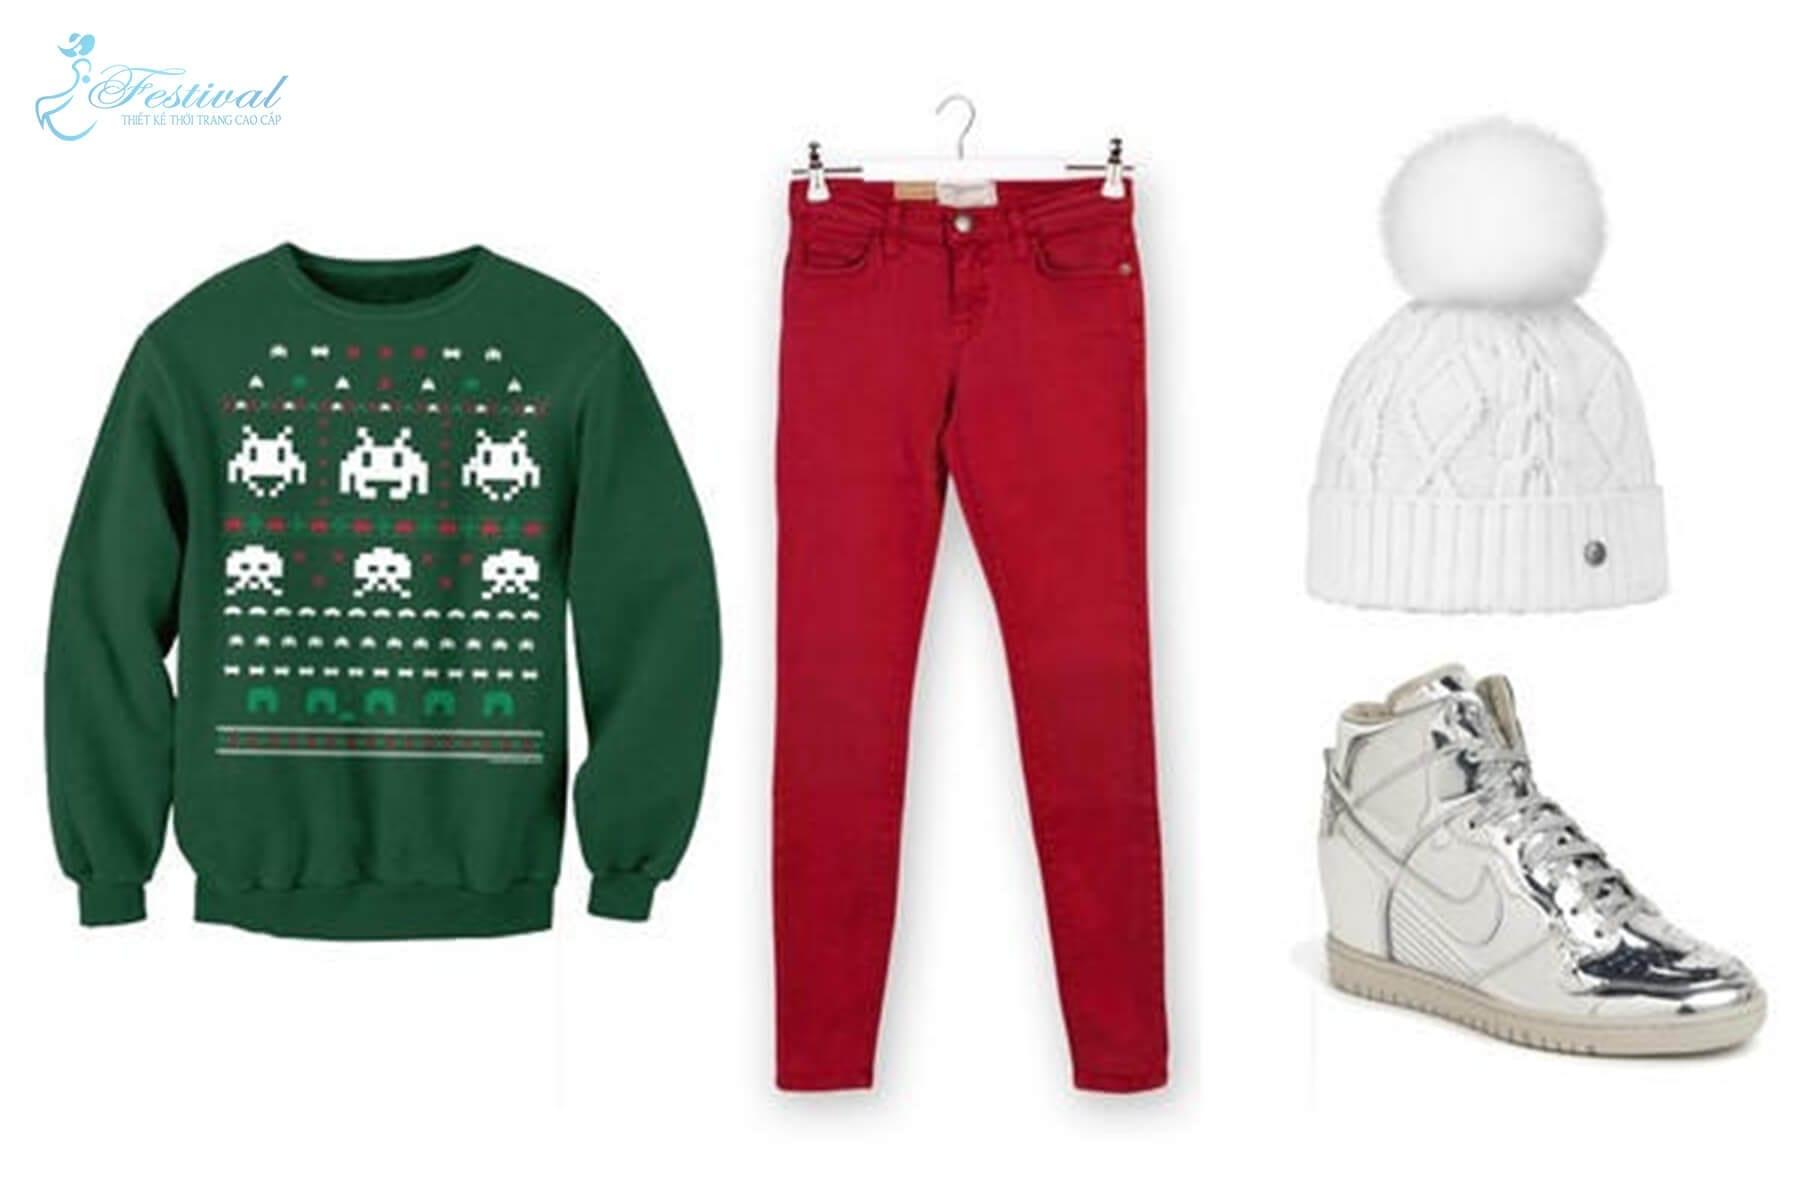 Áo len thun tone xanh kết hợp với skinny jeans màu đỏ, wedge sneaker ánh kim và một chiếc mũ len với pom-pom màu trắng cực đáng yêu. Mặc đẹp mùa noel - Mẹo mix đồ đi chơi giáng sinh cực xinh - Ảnh 4